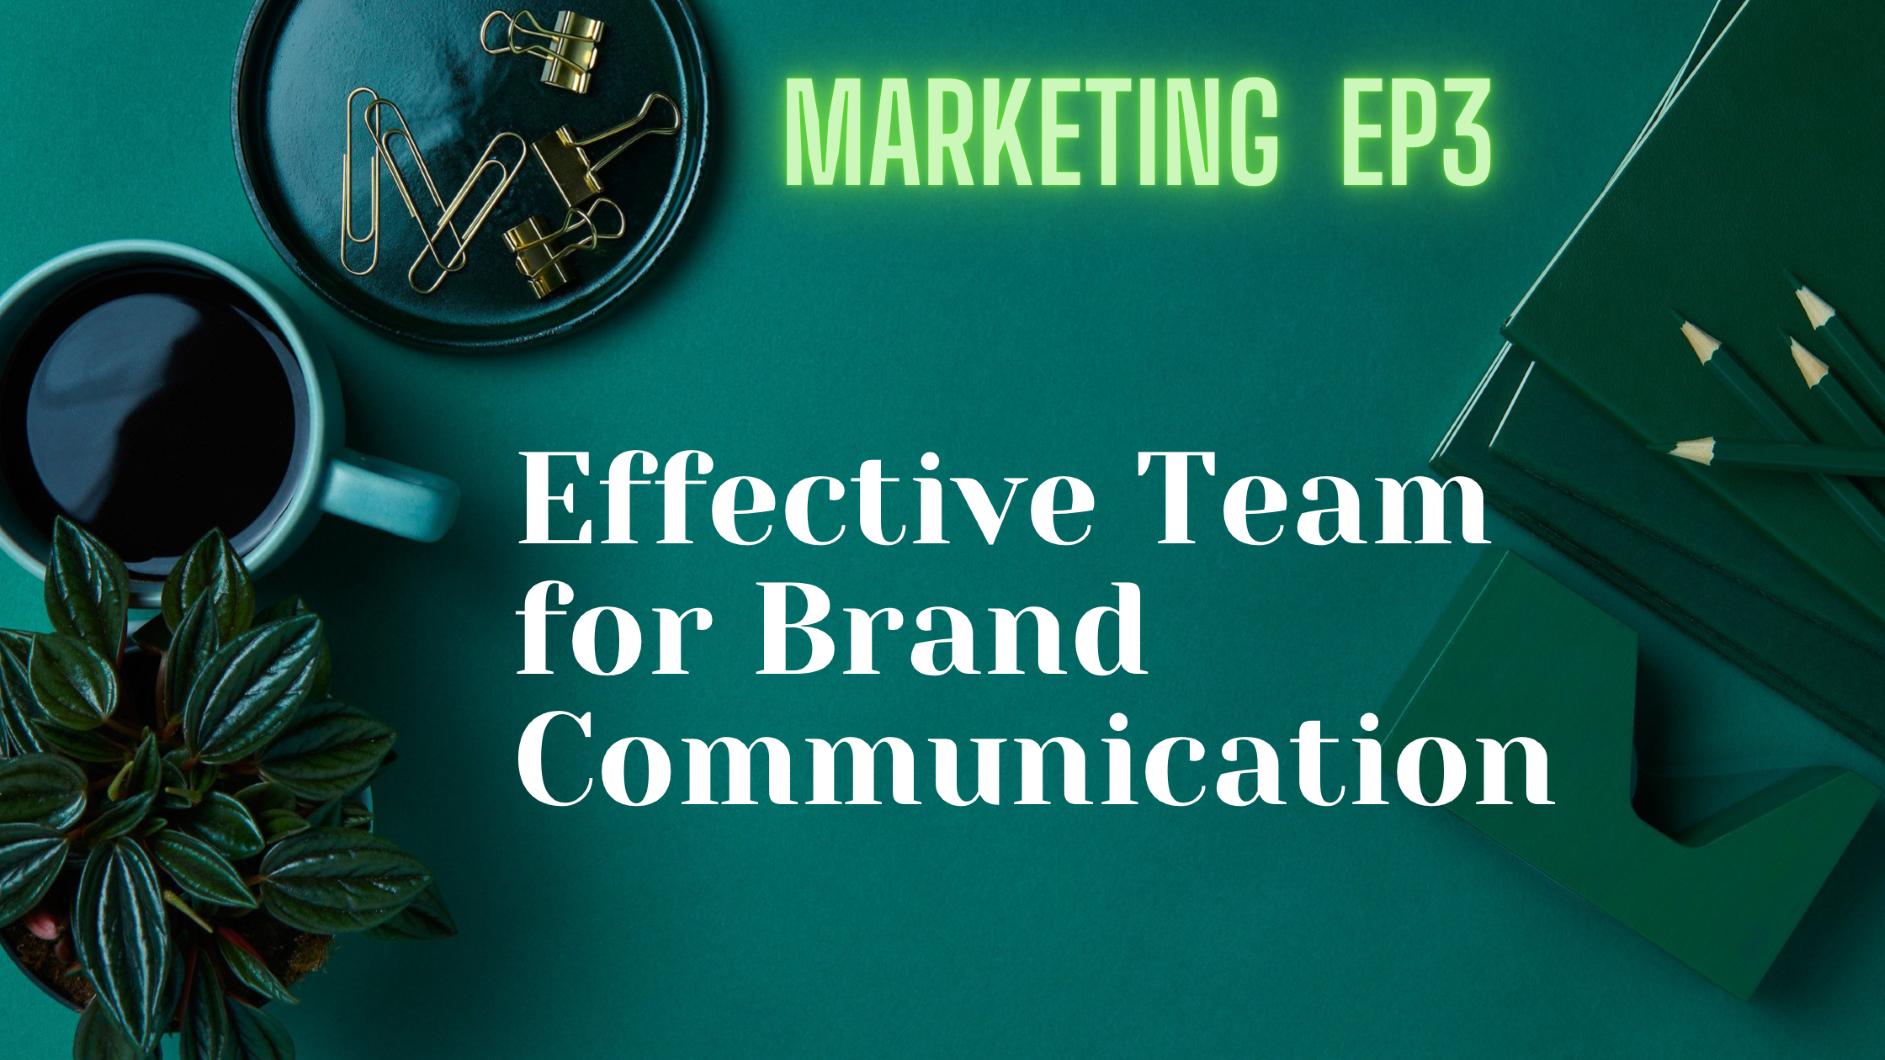 ทีมที่มีประสิทธิภาพสำหรับการสื่อสารเพื่อสร้างตราผลิตภัณฑ์